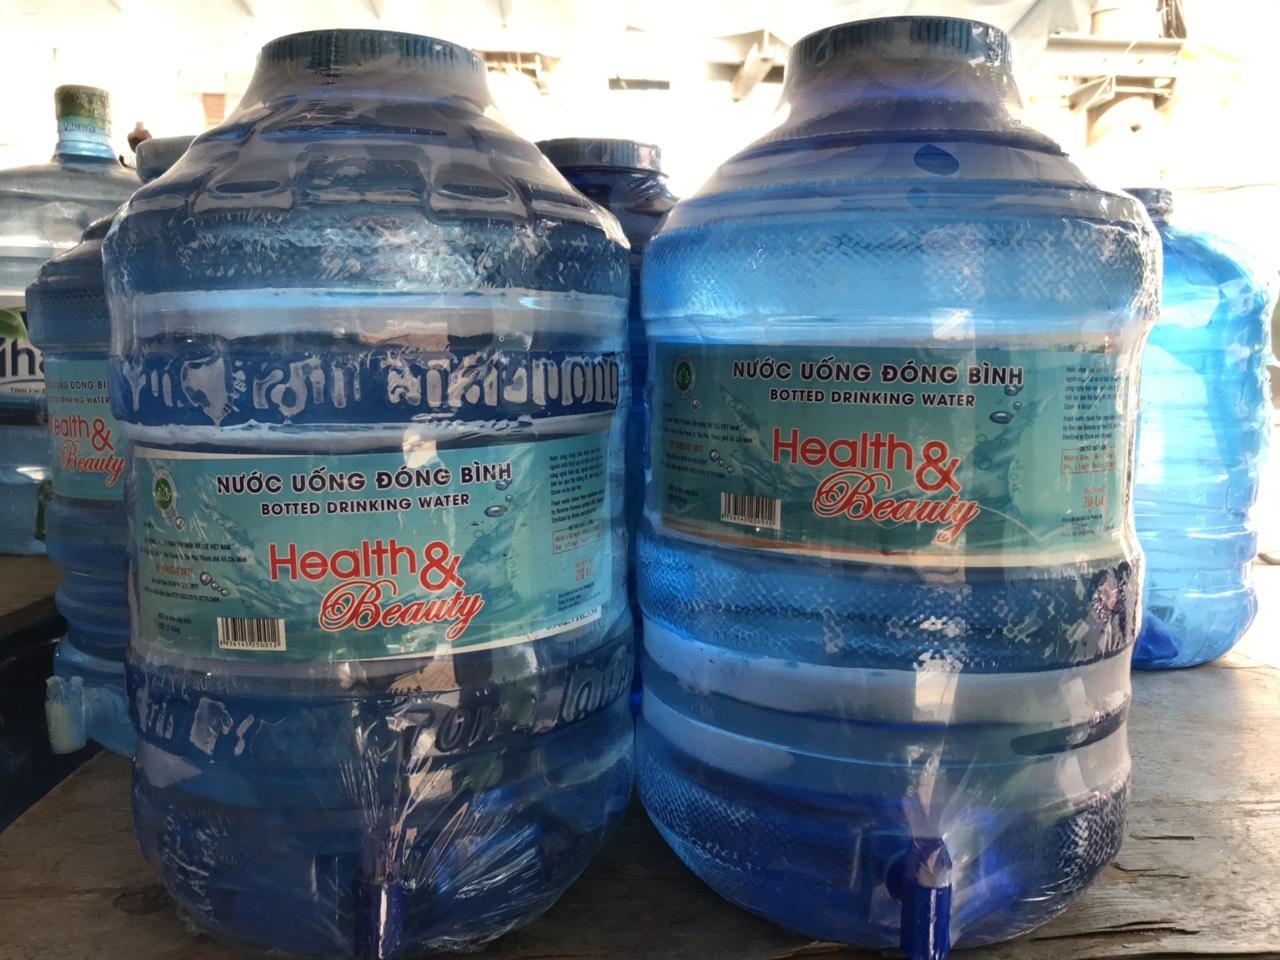 nước tinh khiết giá rẻ